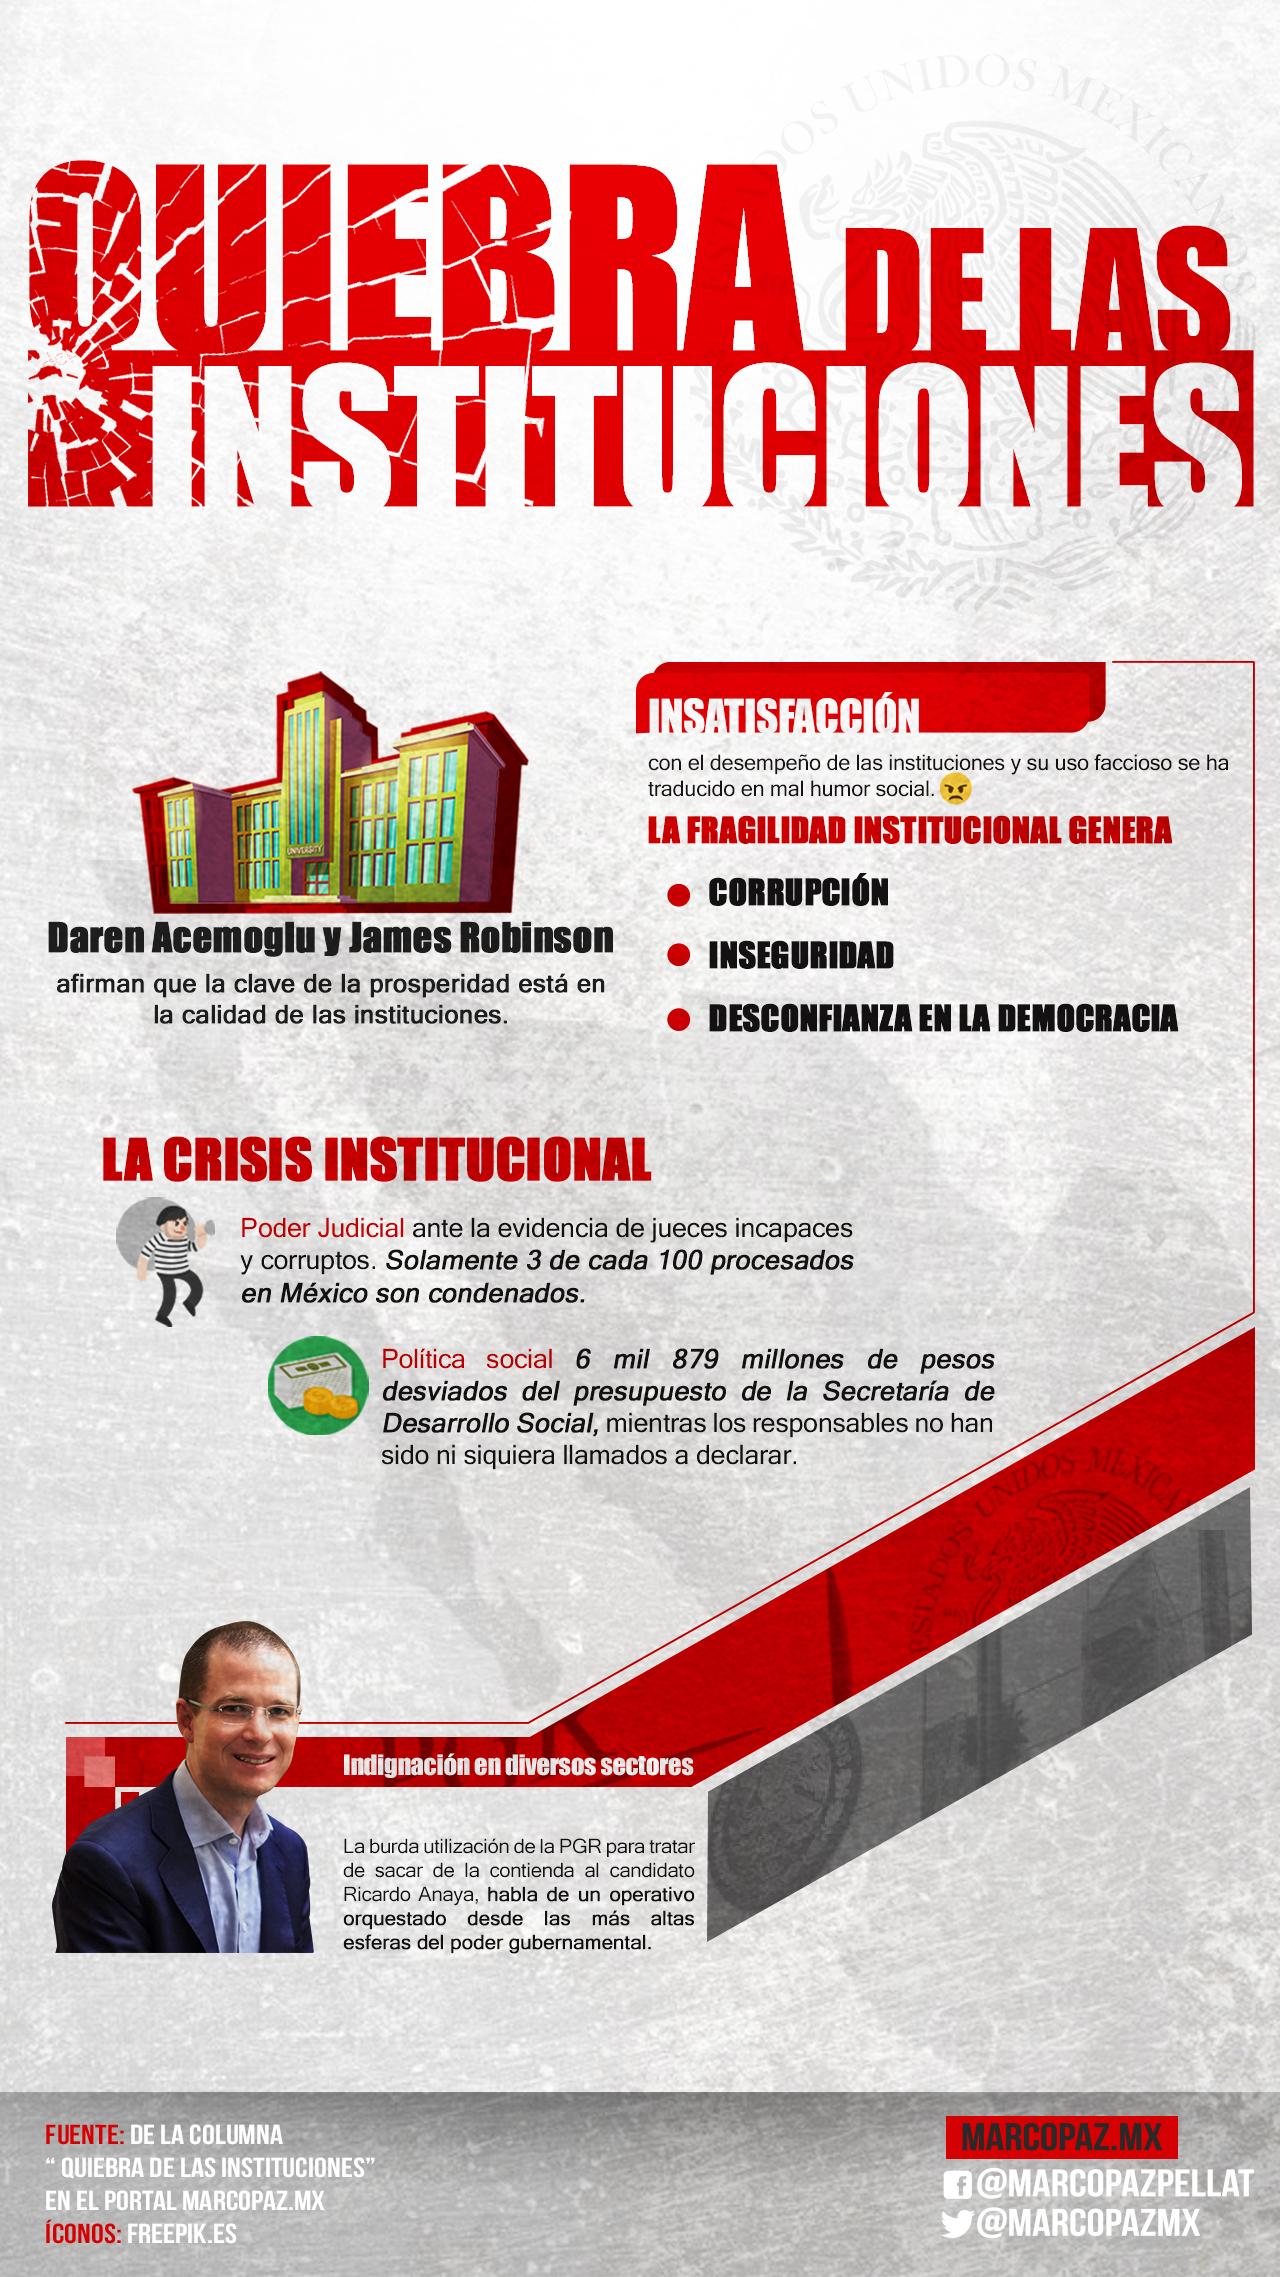 01_INFOGRAFIA_Quiebra de_las_instituciones